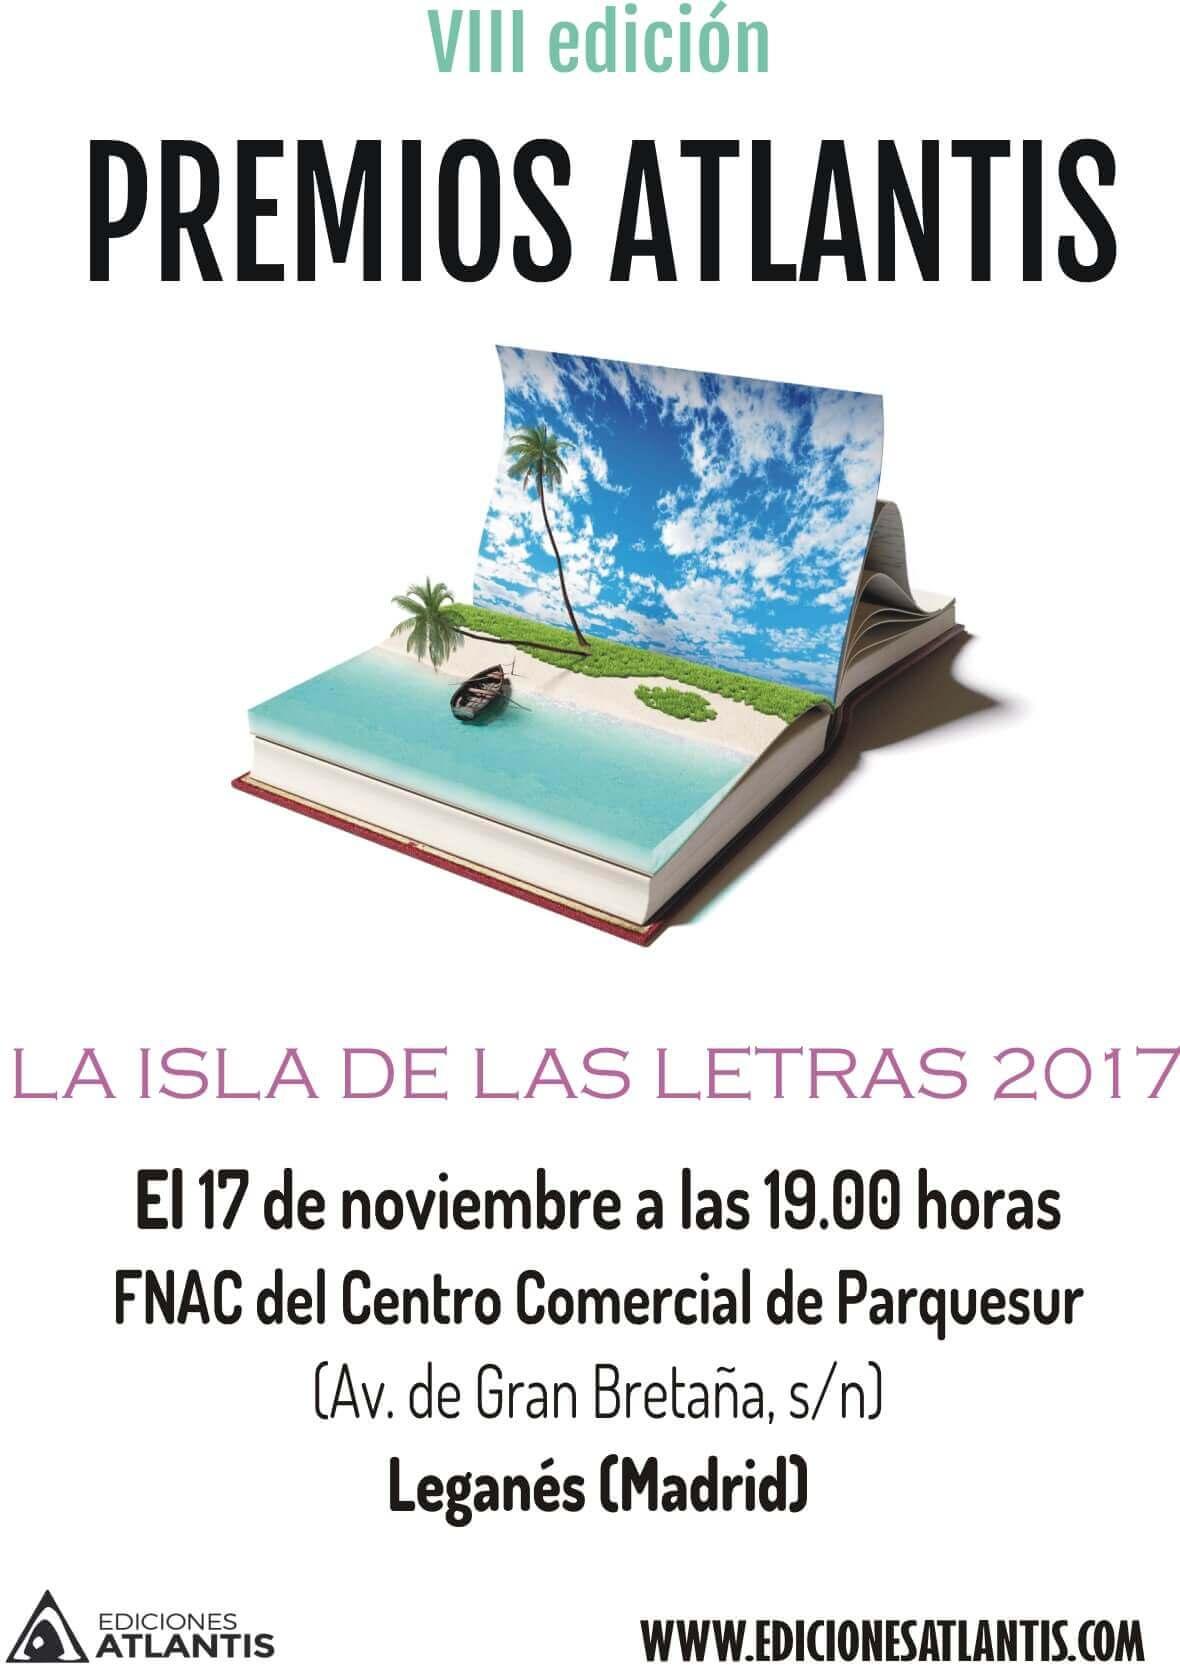 Cartel de la VIII edición de los Premios Atlantis